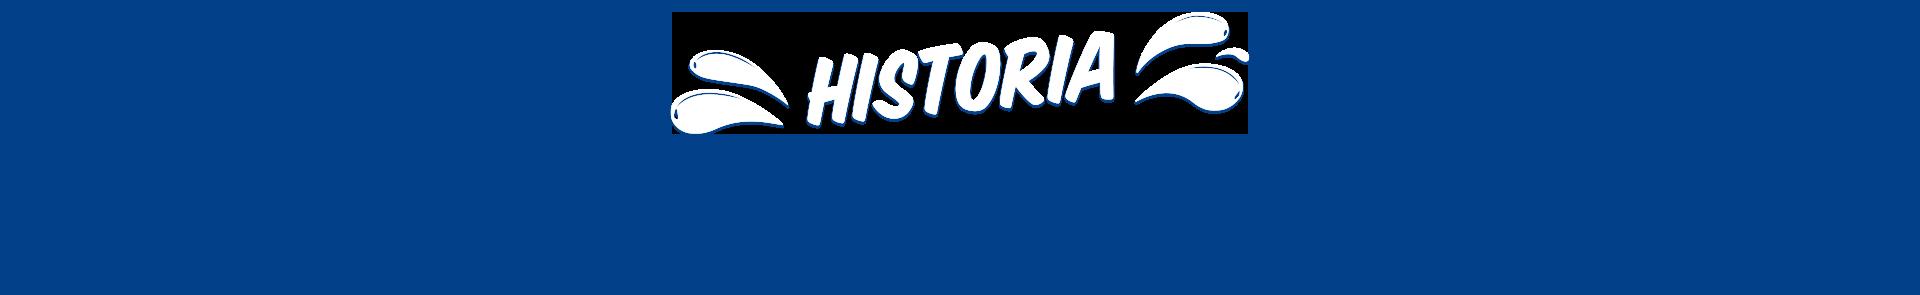 18460-CS_Historia_Spain